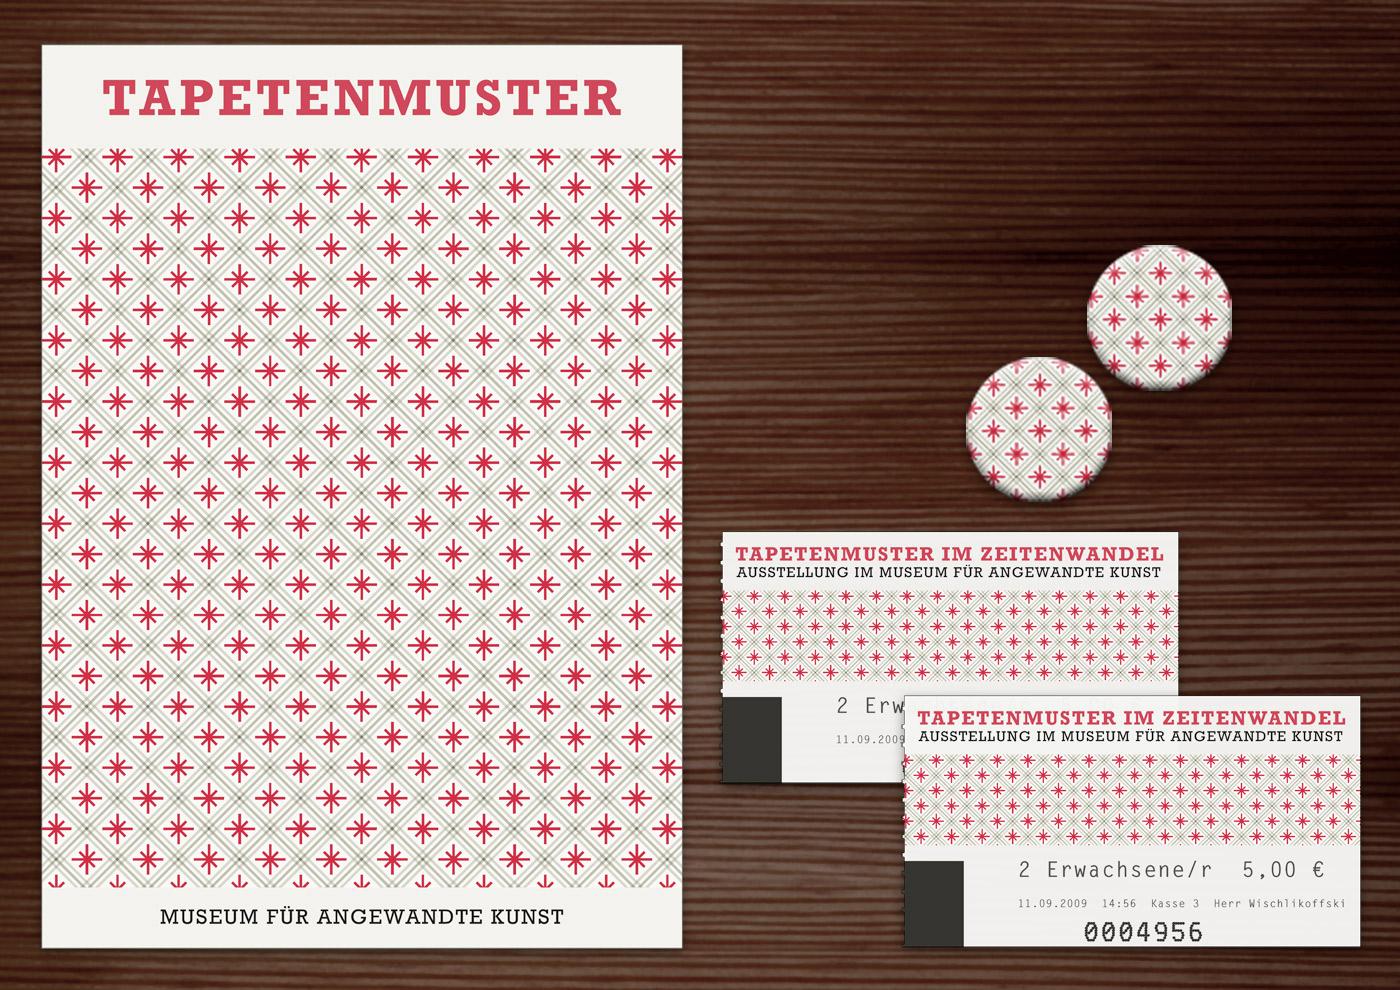 Corporate Identity, Logo und Grafik Design für Werbung, Schilder, Poster, Postkarten, Flyer, Eintrittskarten und Buttons für die Ausstellung Tapetenmuster in Lily Lux Naturkundemuseum